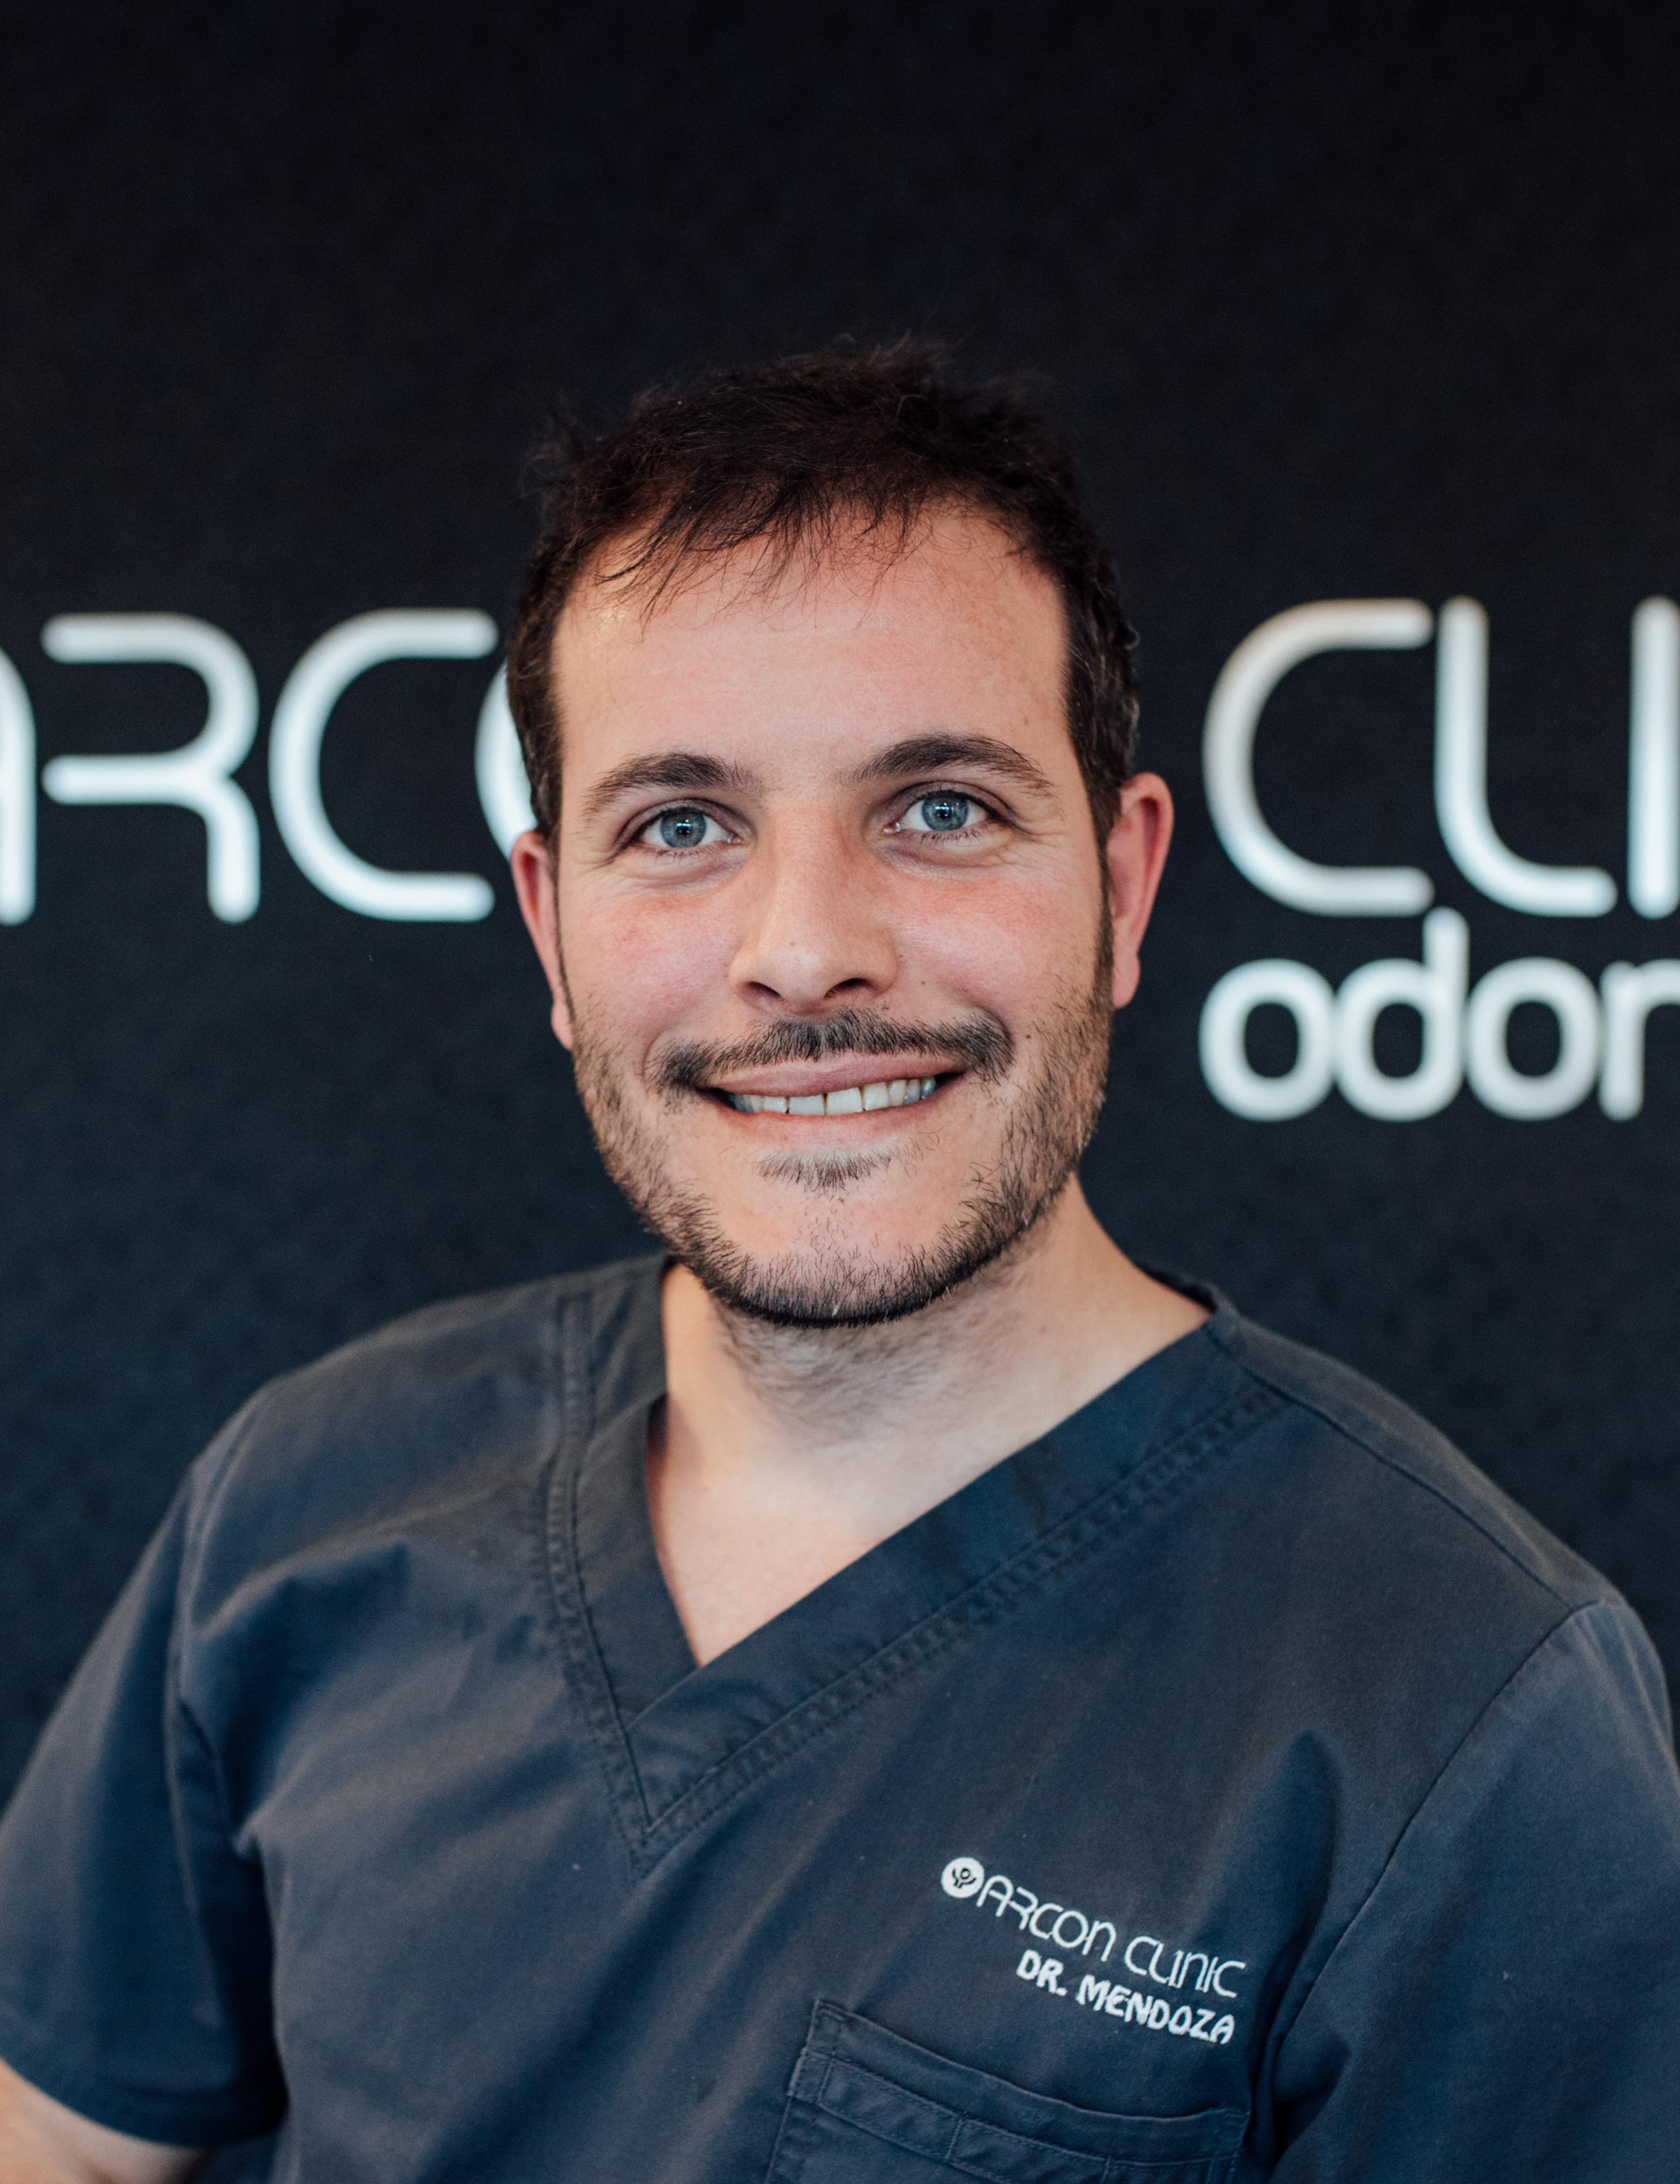 Dr. Antonio Mendoza